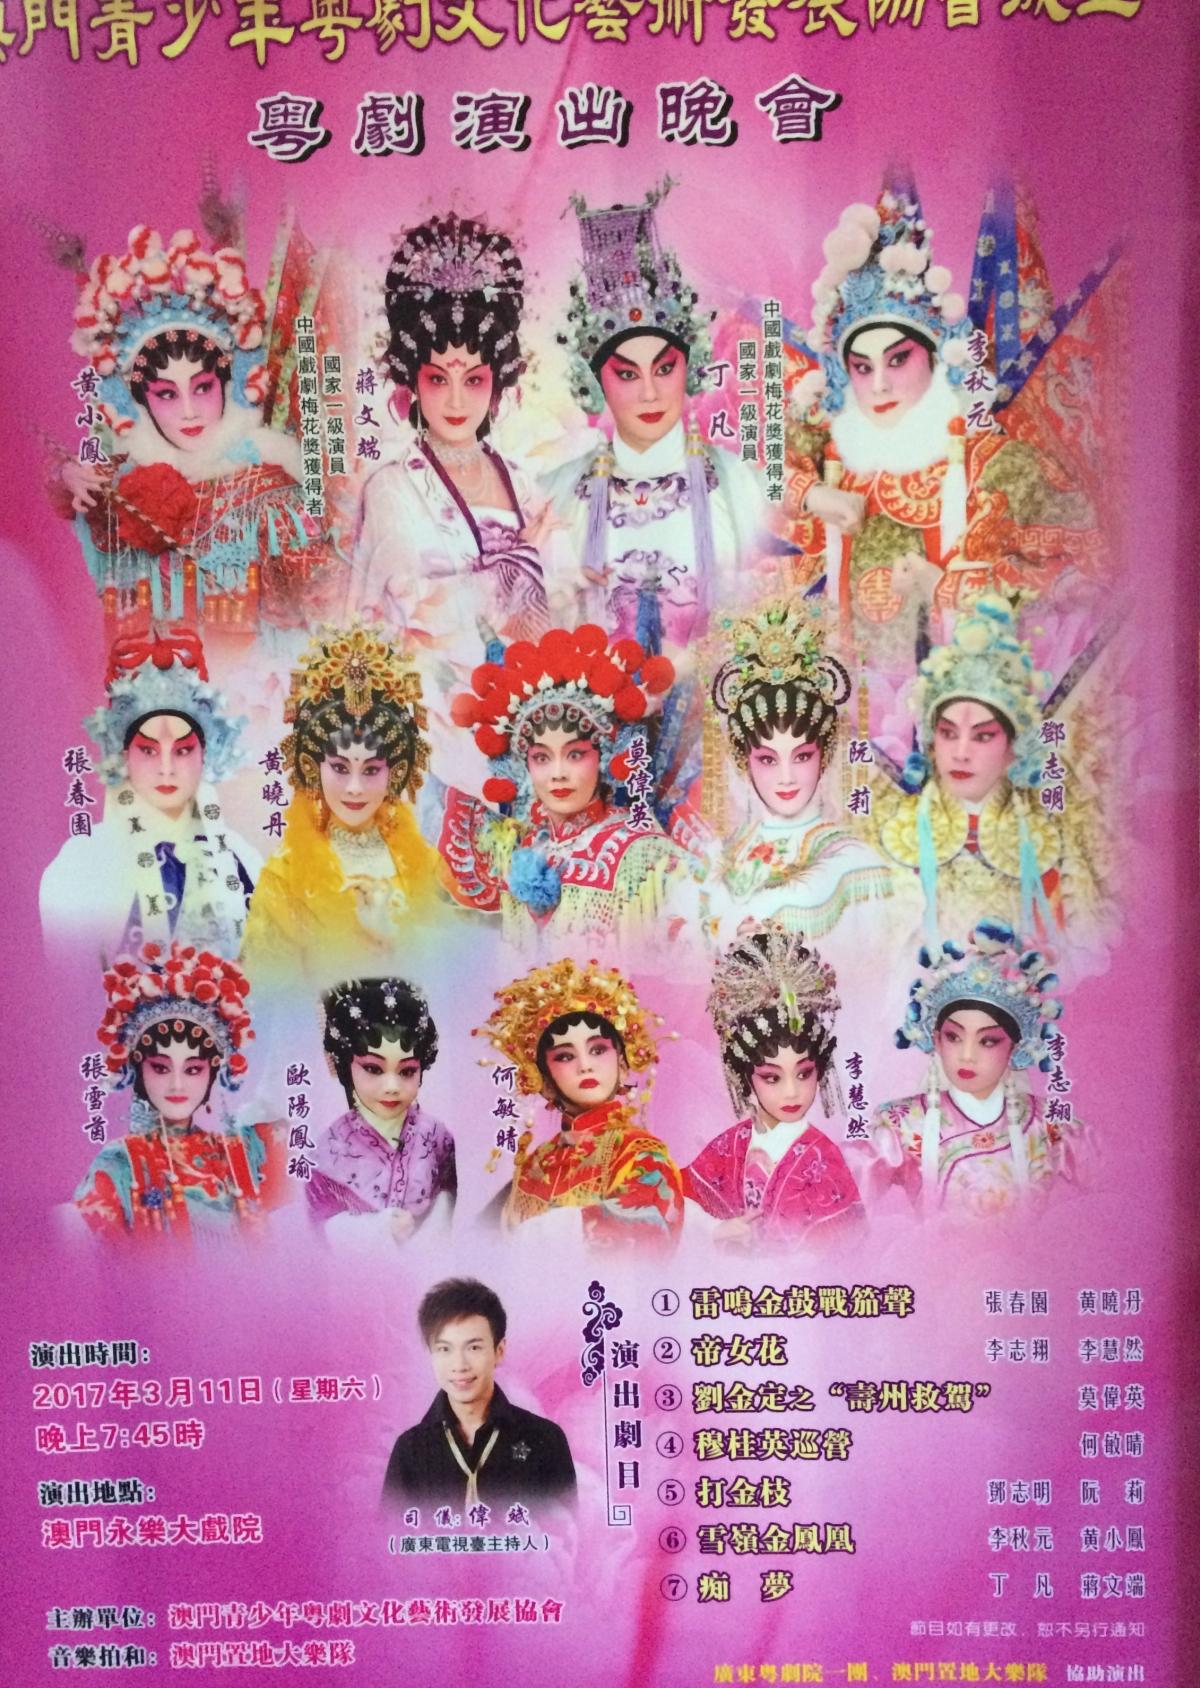 慶祝澳門青少年粵劇協會成立